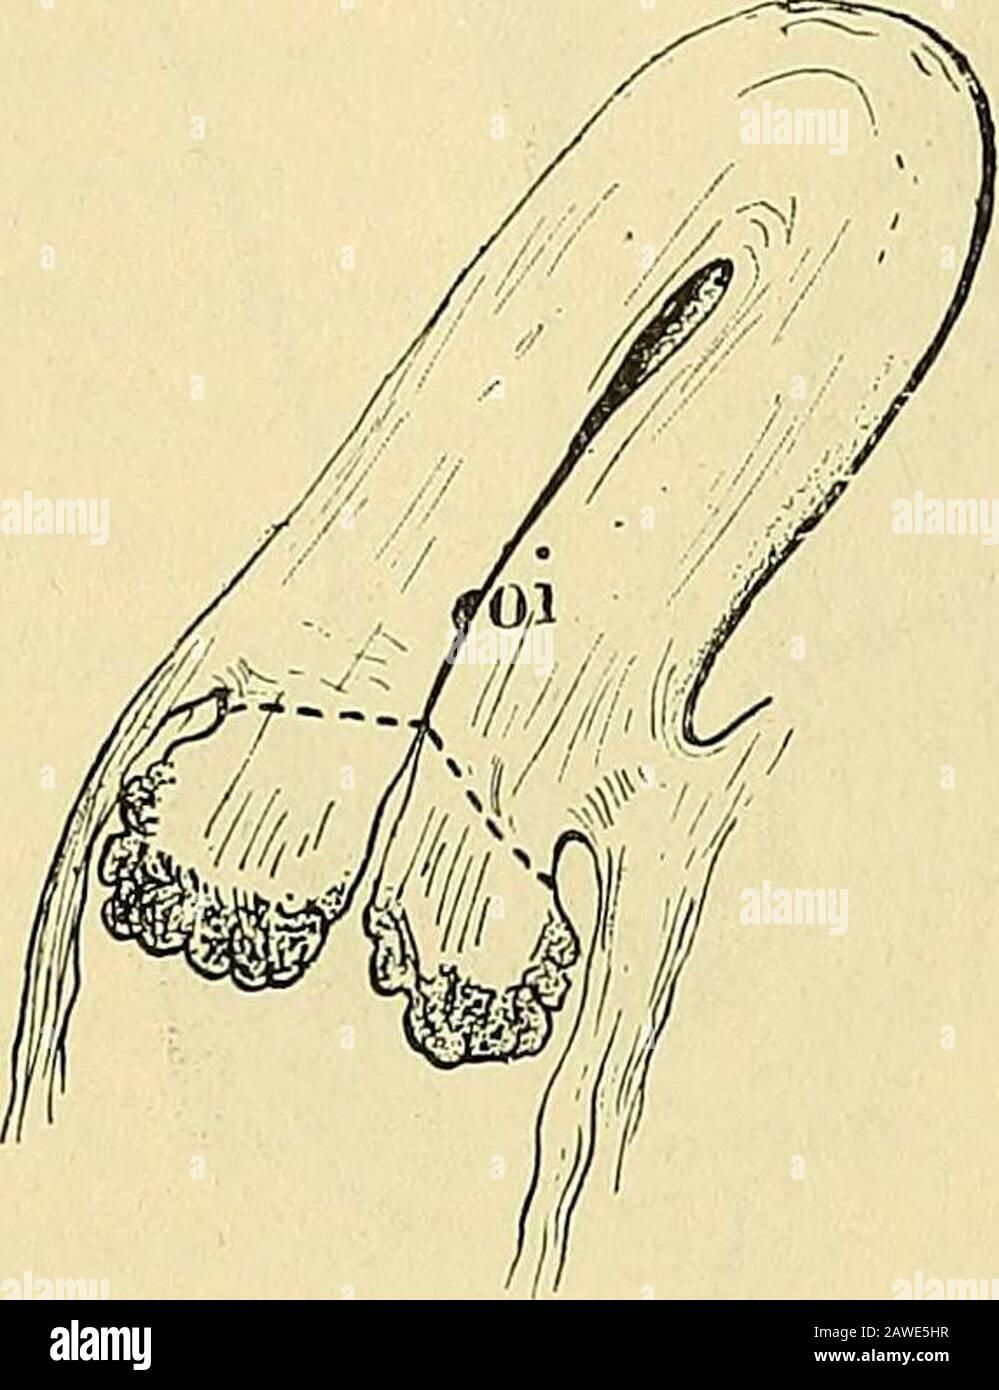 Traité de gynécologie clinique et Opéra . © du museau de poche. 1 nos les sultats obtenus par Verneuil voir p. 382, note 2. 2 KÅberlé. Traitement des cancers de la matrice -par Vhyslírotomie (Gazette Hebd. Deméd., 26 février 1886). 3 W. H. Baker (Amérique JOURN. Of Obstelr., 1882, p. 265, et 1886, p. 184). Pozzi. 25 386 VIVRE V. élevée » (amputation élevée) du col suivie de cétération ignée Ely vandeWarker1 Opère levidment, puis cauteure with le chlorure de zinc.Mais cest Schroder2 qui a donné le plus de prolongation à ce procesé,qui en a le plus de netteposment é les i Banque D'Images